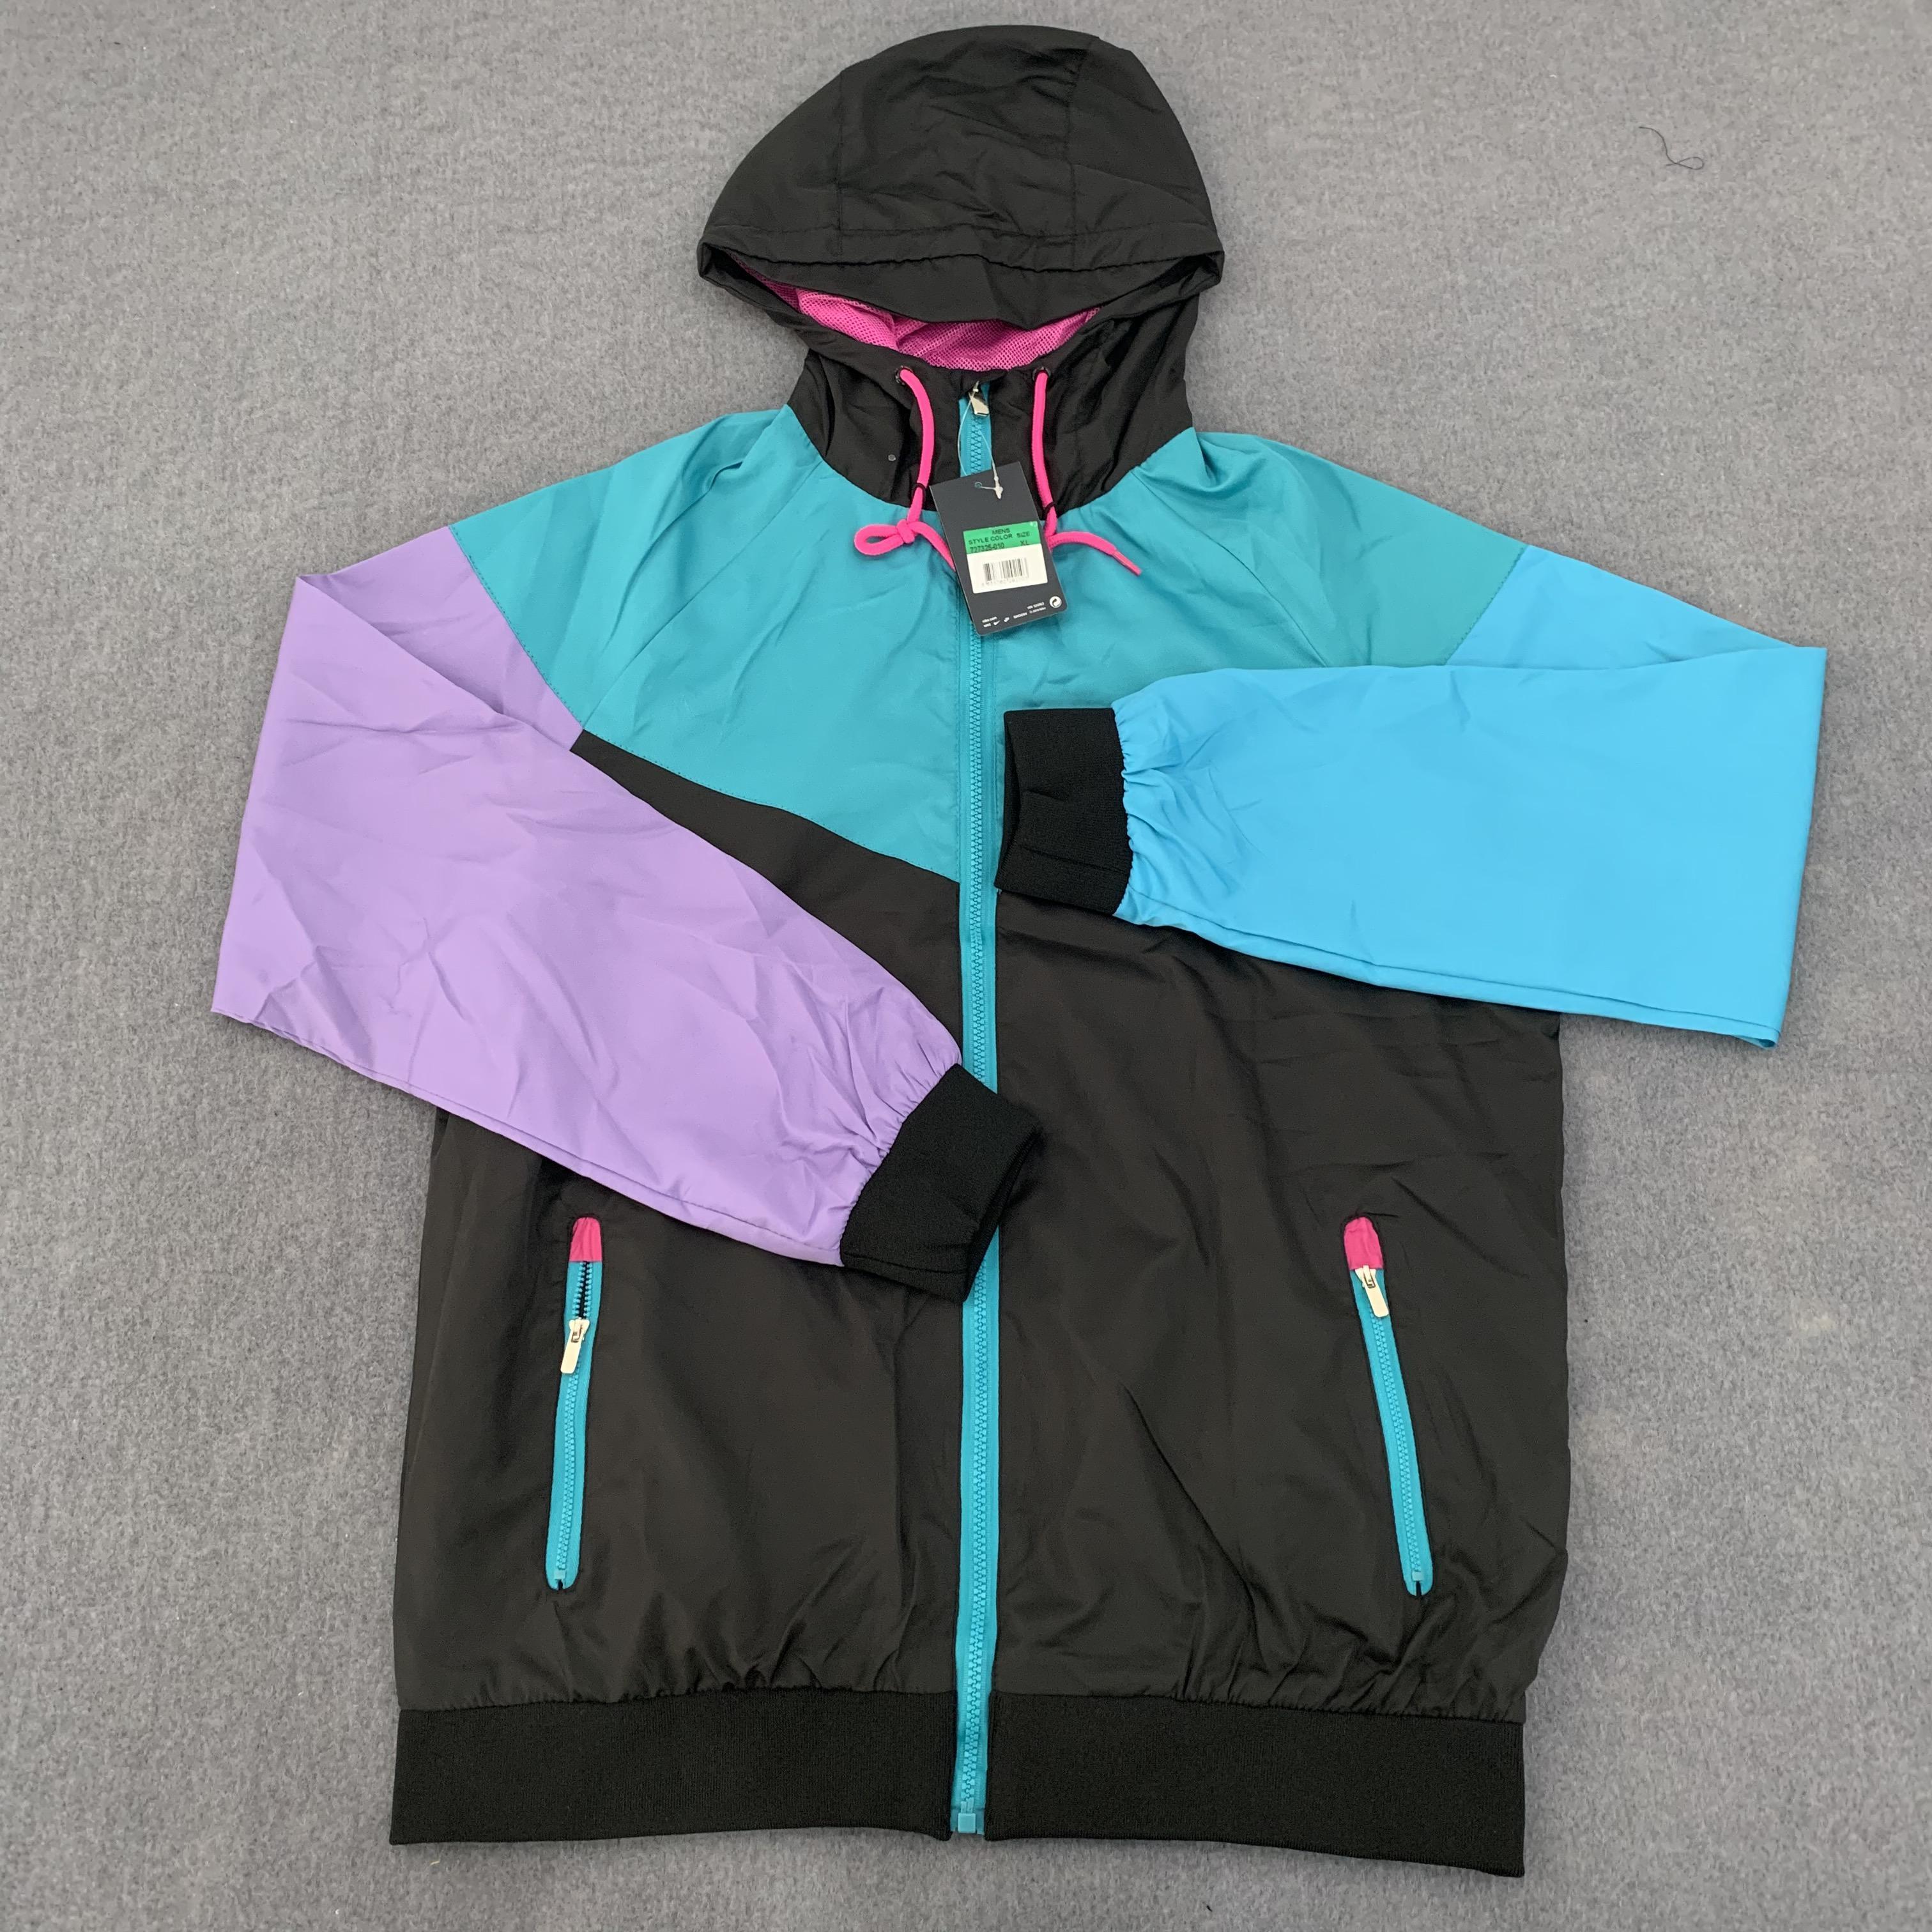 Designer Mens Jackets Sport Marca Windbreaker di contrasto della rappezzatura Coats Stampa Zipper Felpe Esecuzione Outwear superiore all'ingrosso B103615V